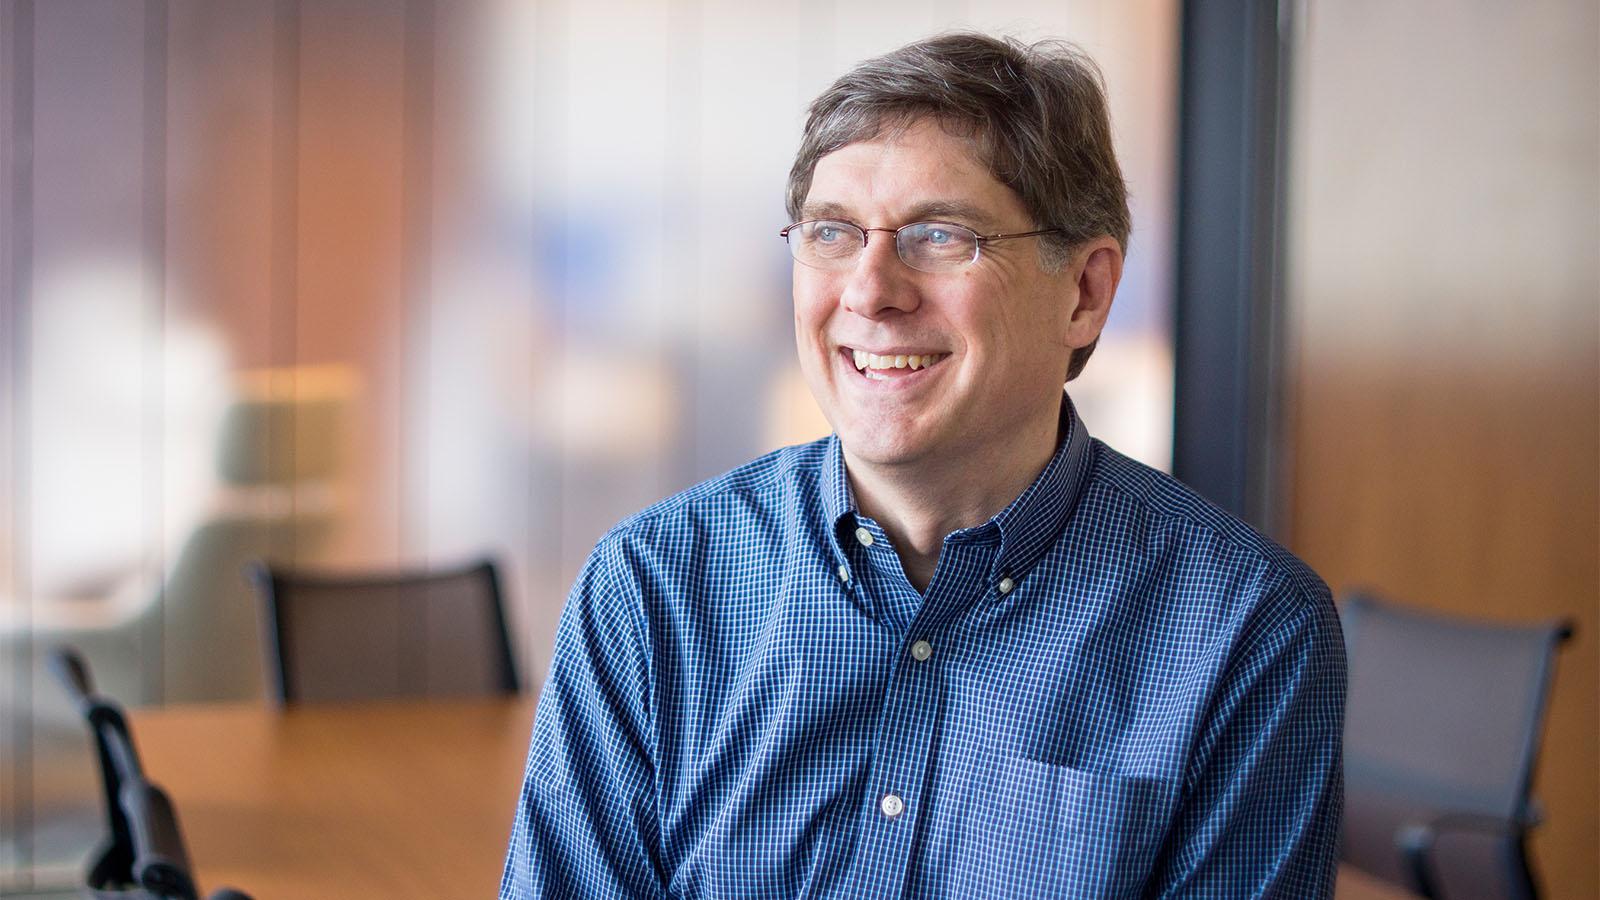 Matthew Jorgensen, PhD